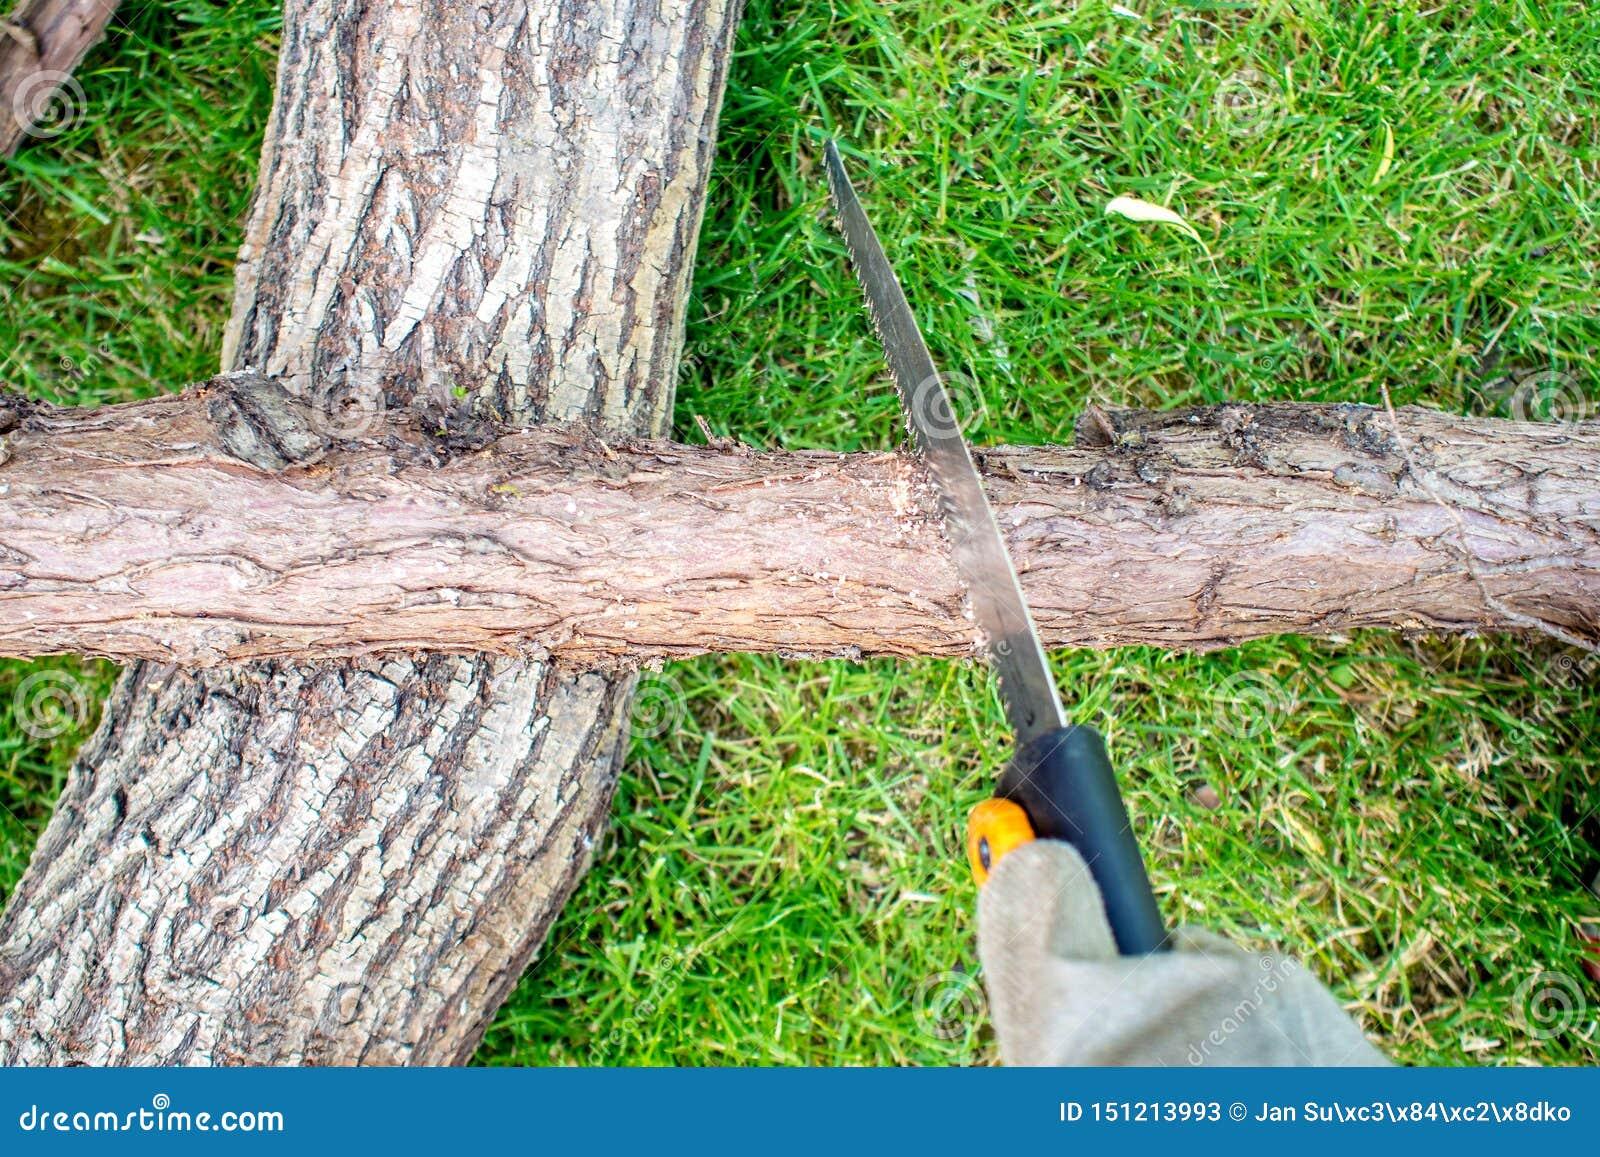 Εργαζόμενος στον κήπο, ένα Mann που πριονίζει ένα κούτσουρο του ξύλου